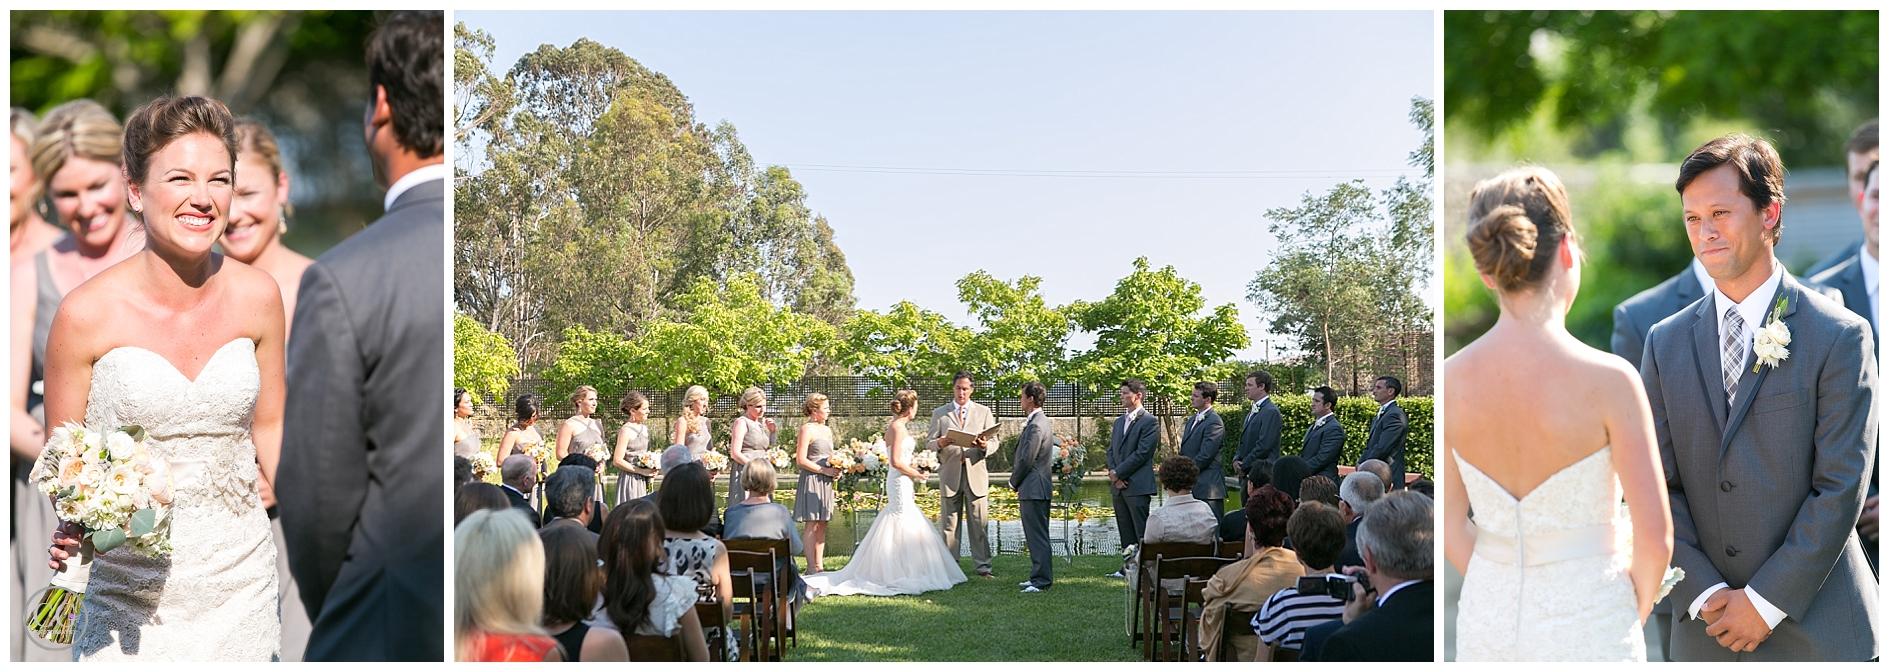 Ray & Lauren Wedding-229